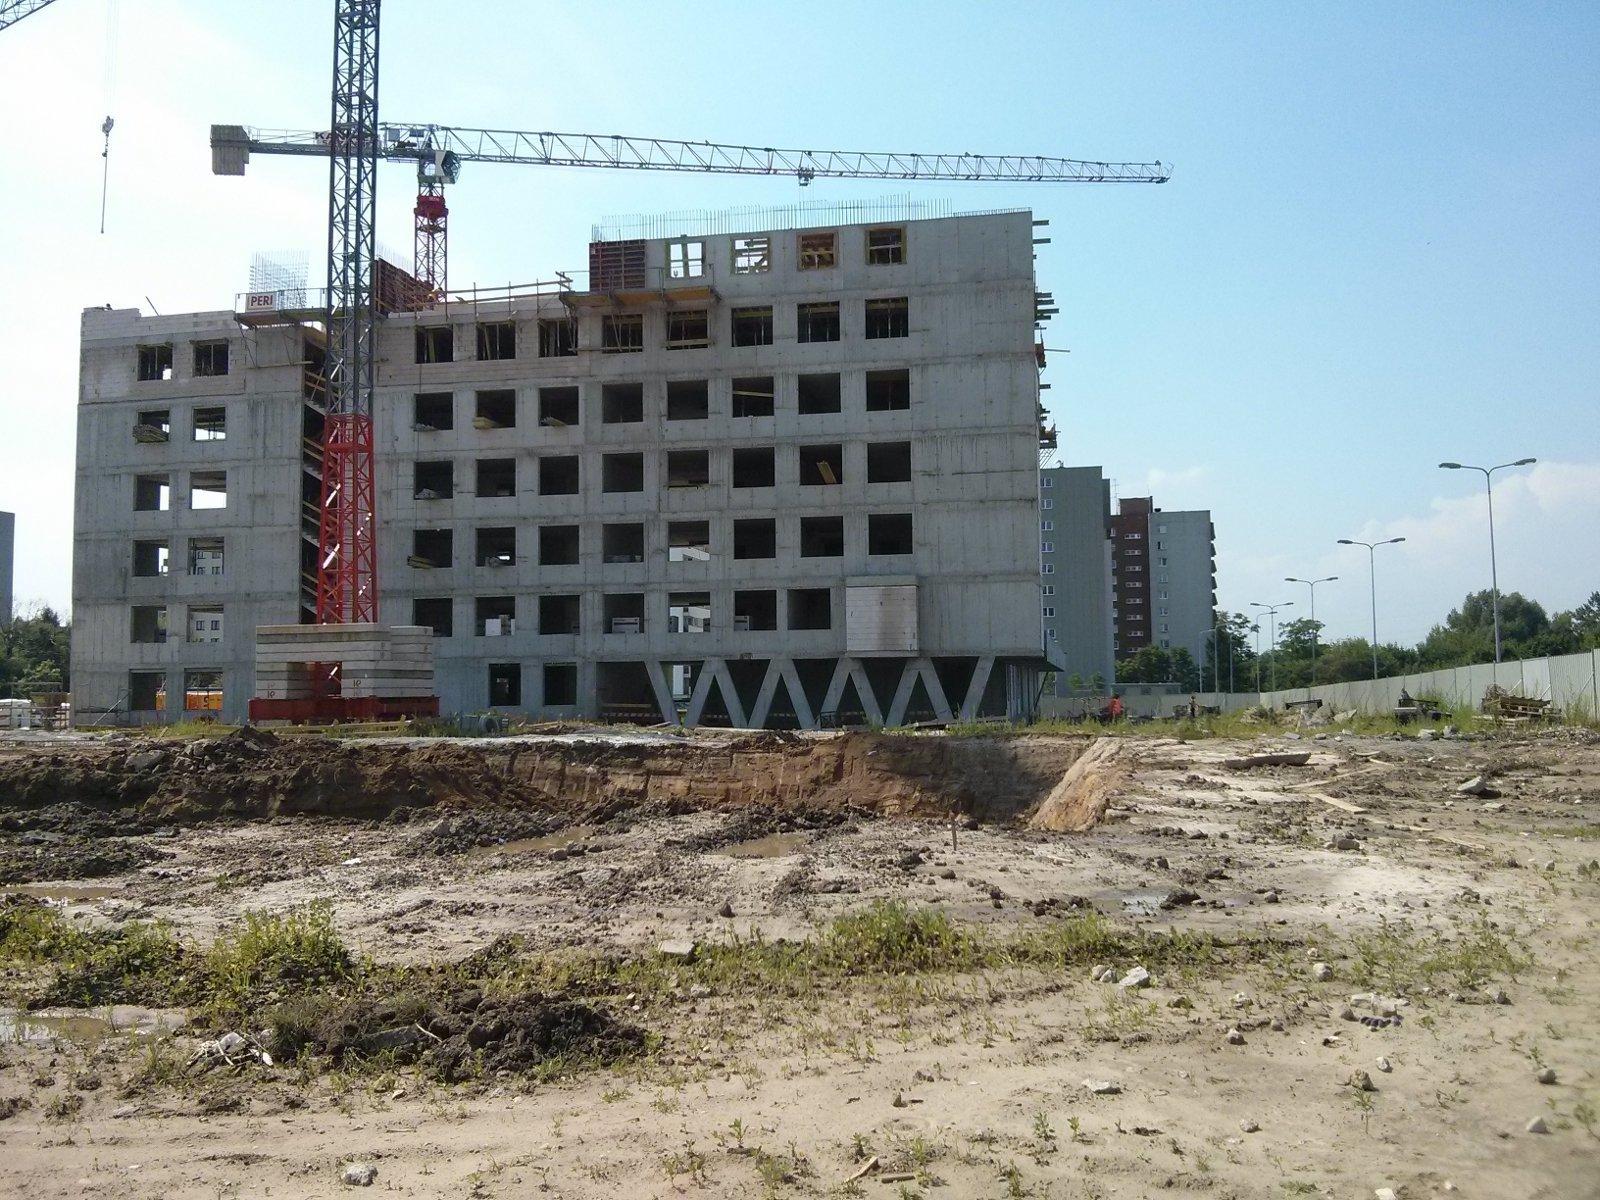 Budowa osiedla Avia enklawa 4